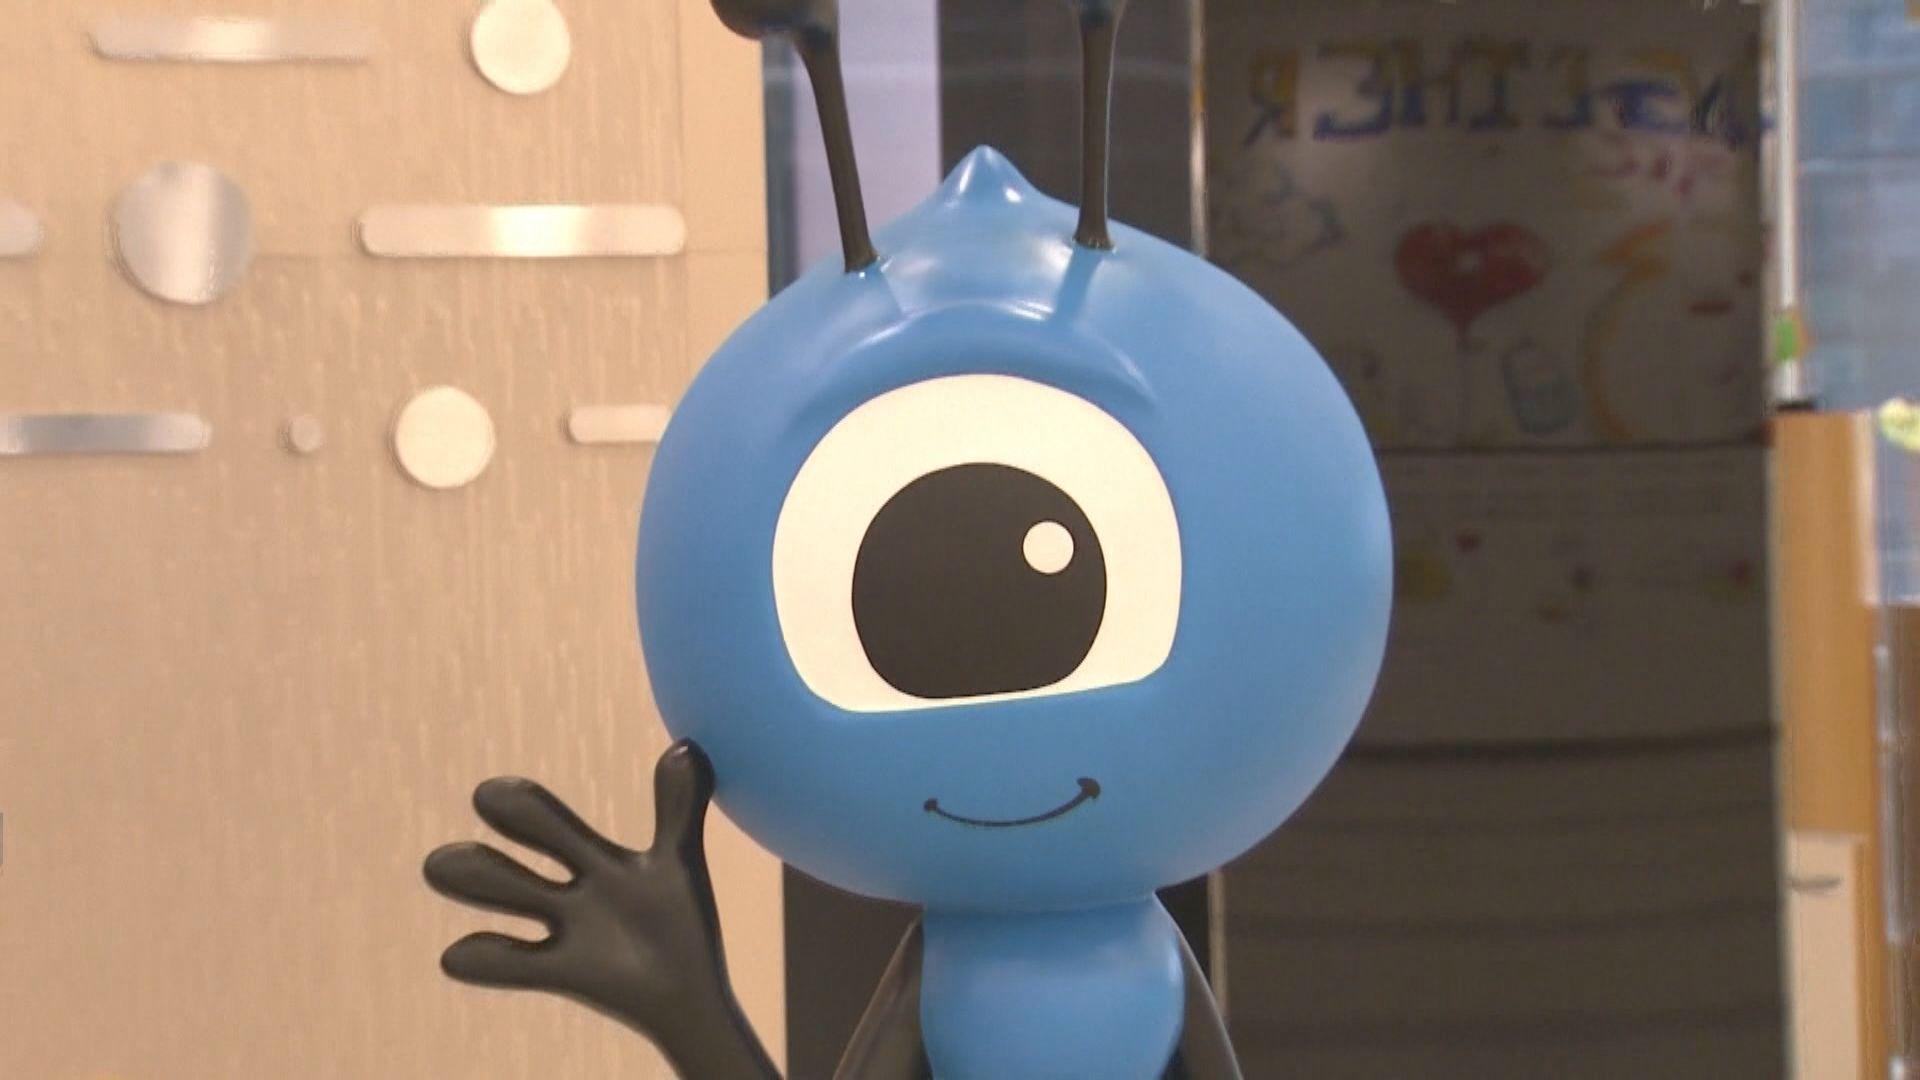 據報美憂威脅國家安全 正研究限制螞蟻及騰訊支付平台